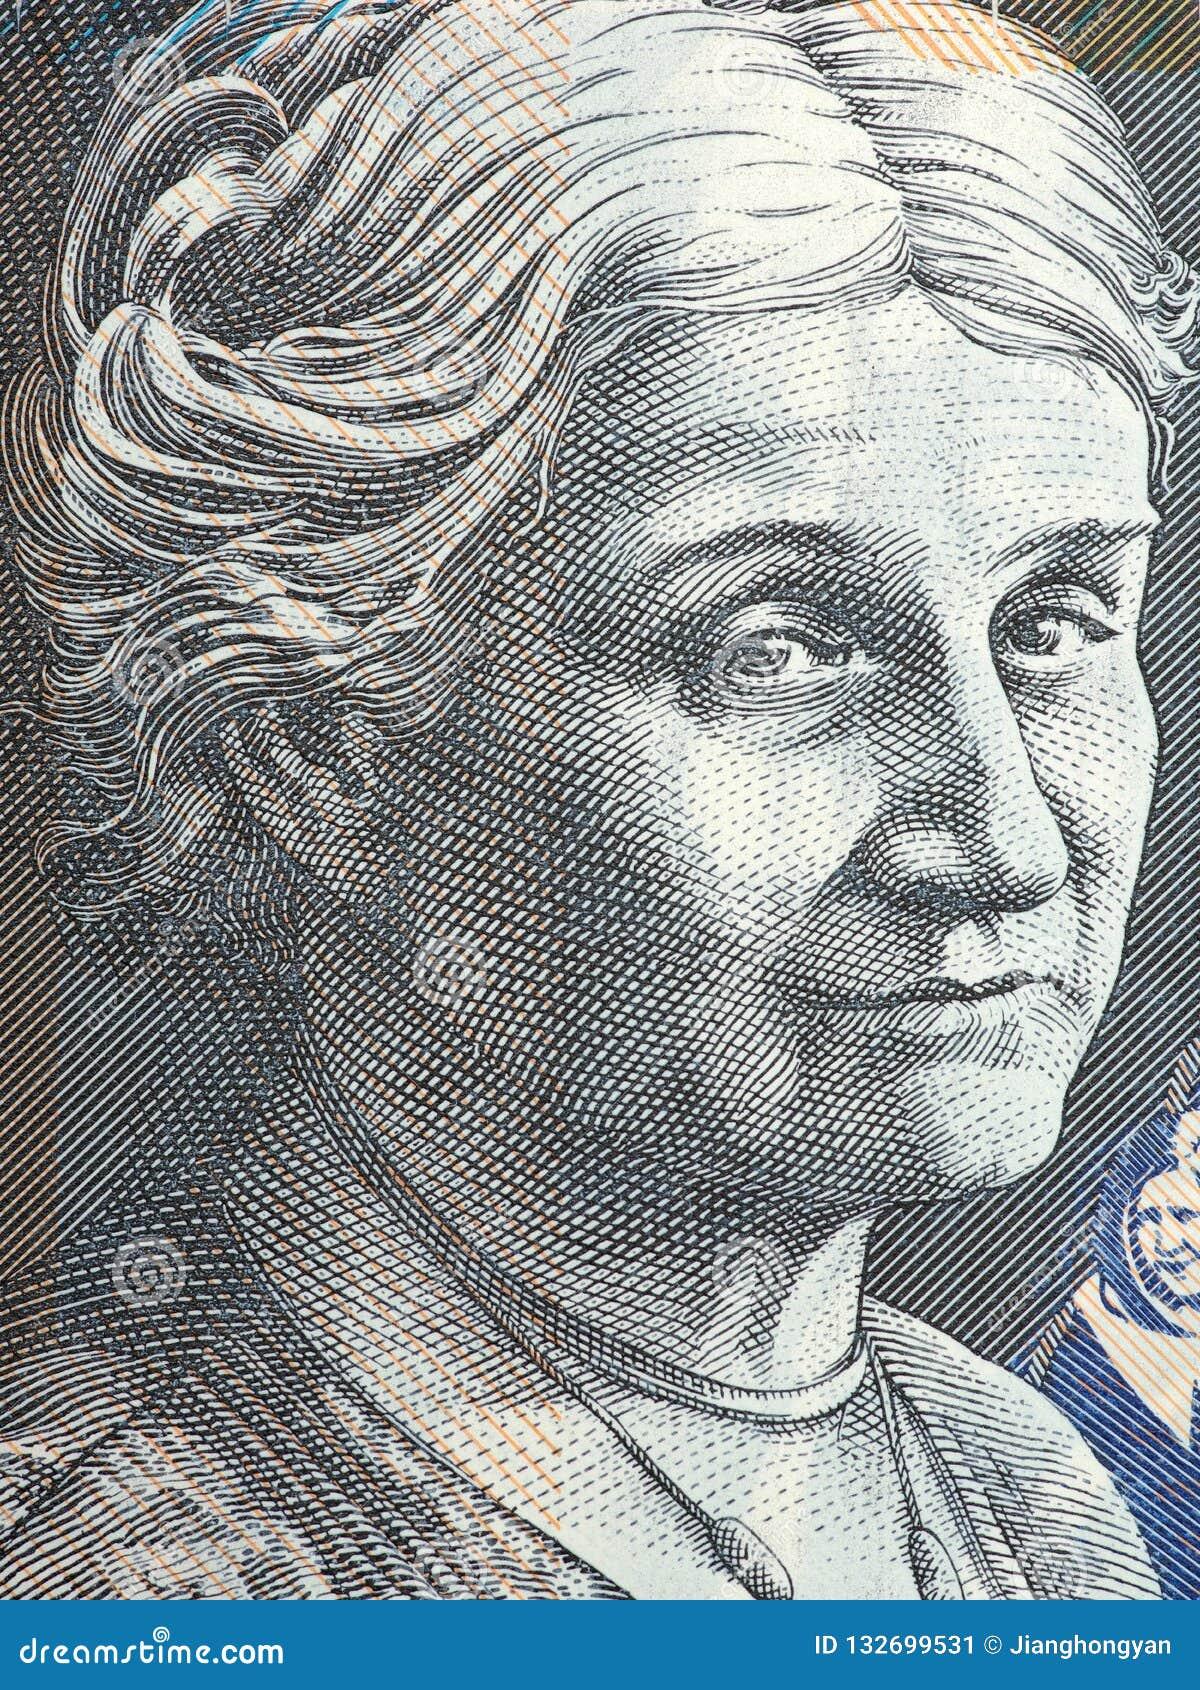 Портрет Эдита Cowan - крупного плана долларовой банкноты австралийца 50